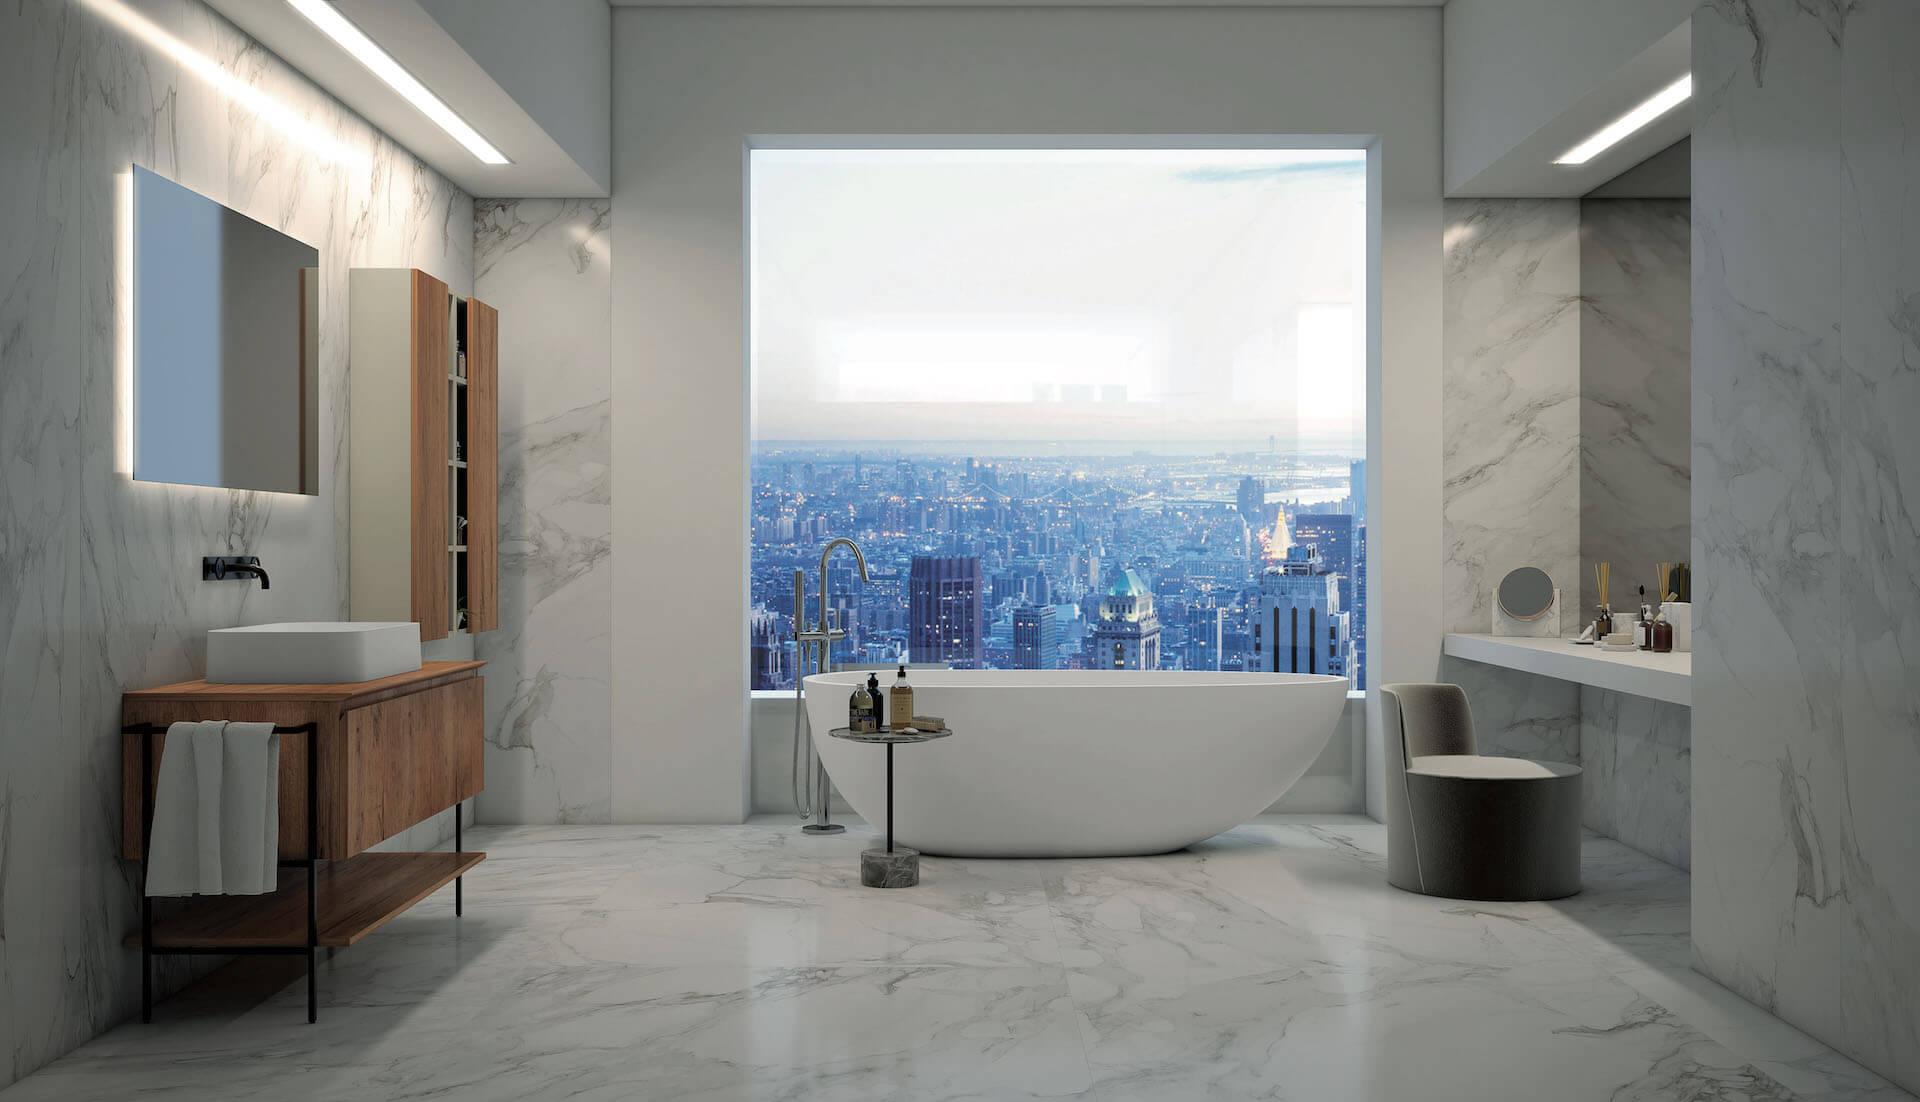 Mobile Bagno New York arredo bagno senza maniglia, con gola - puntotre arredobagno